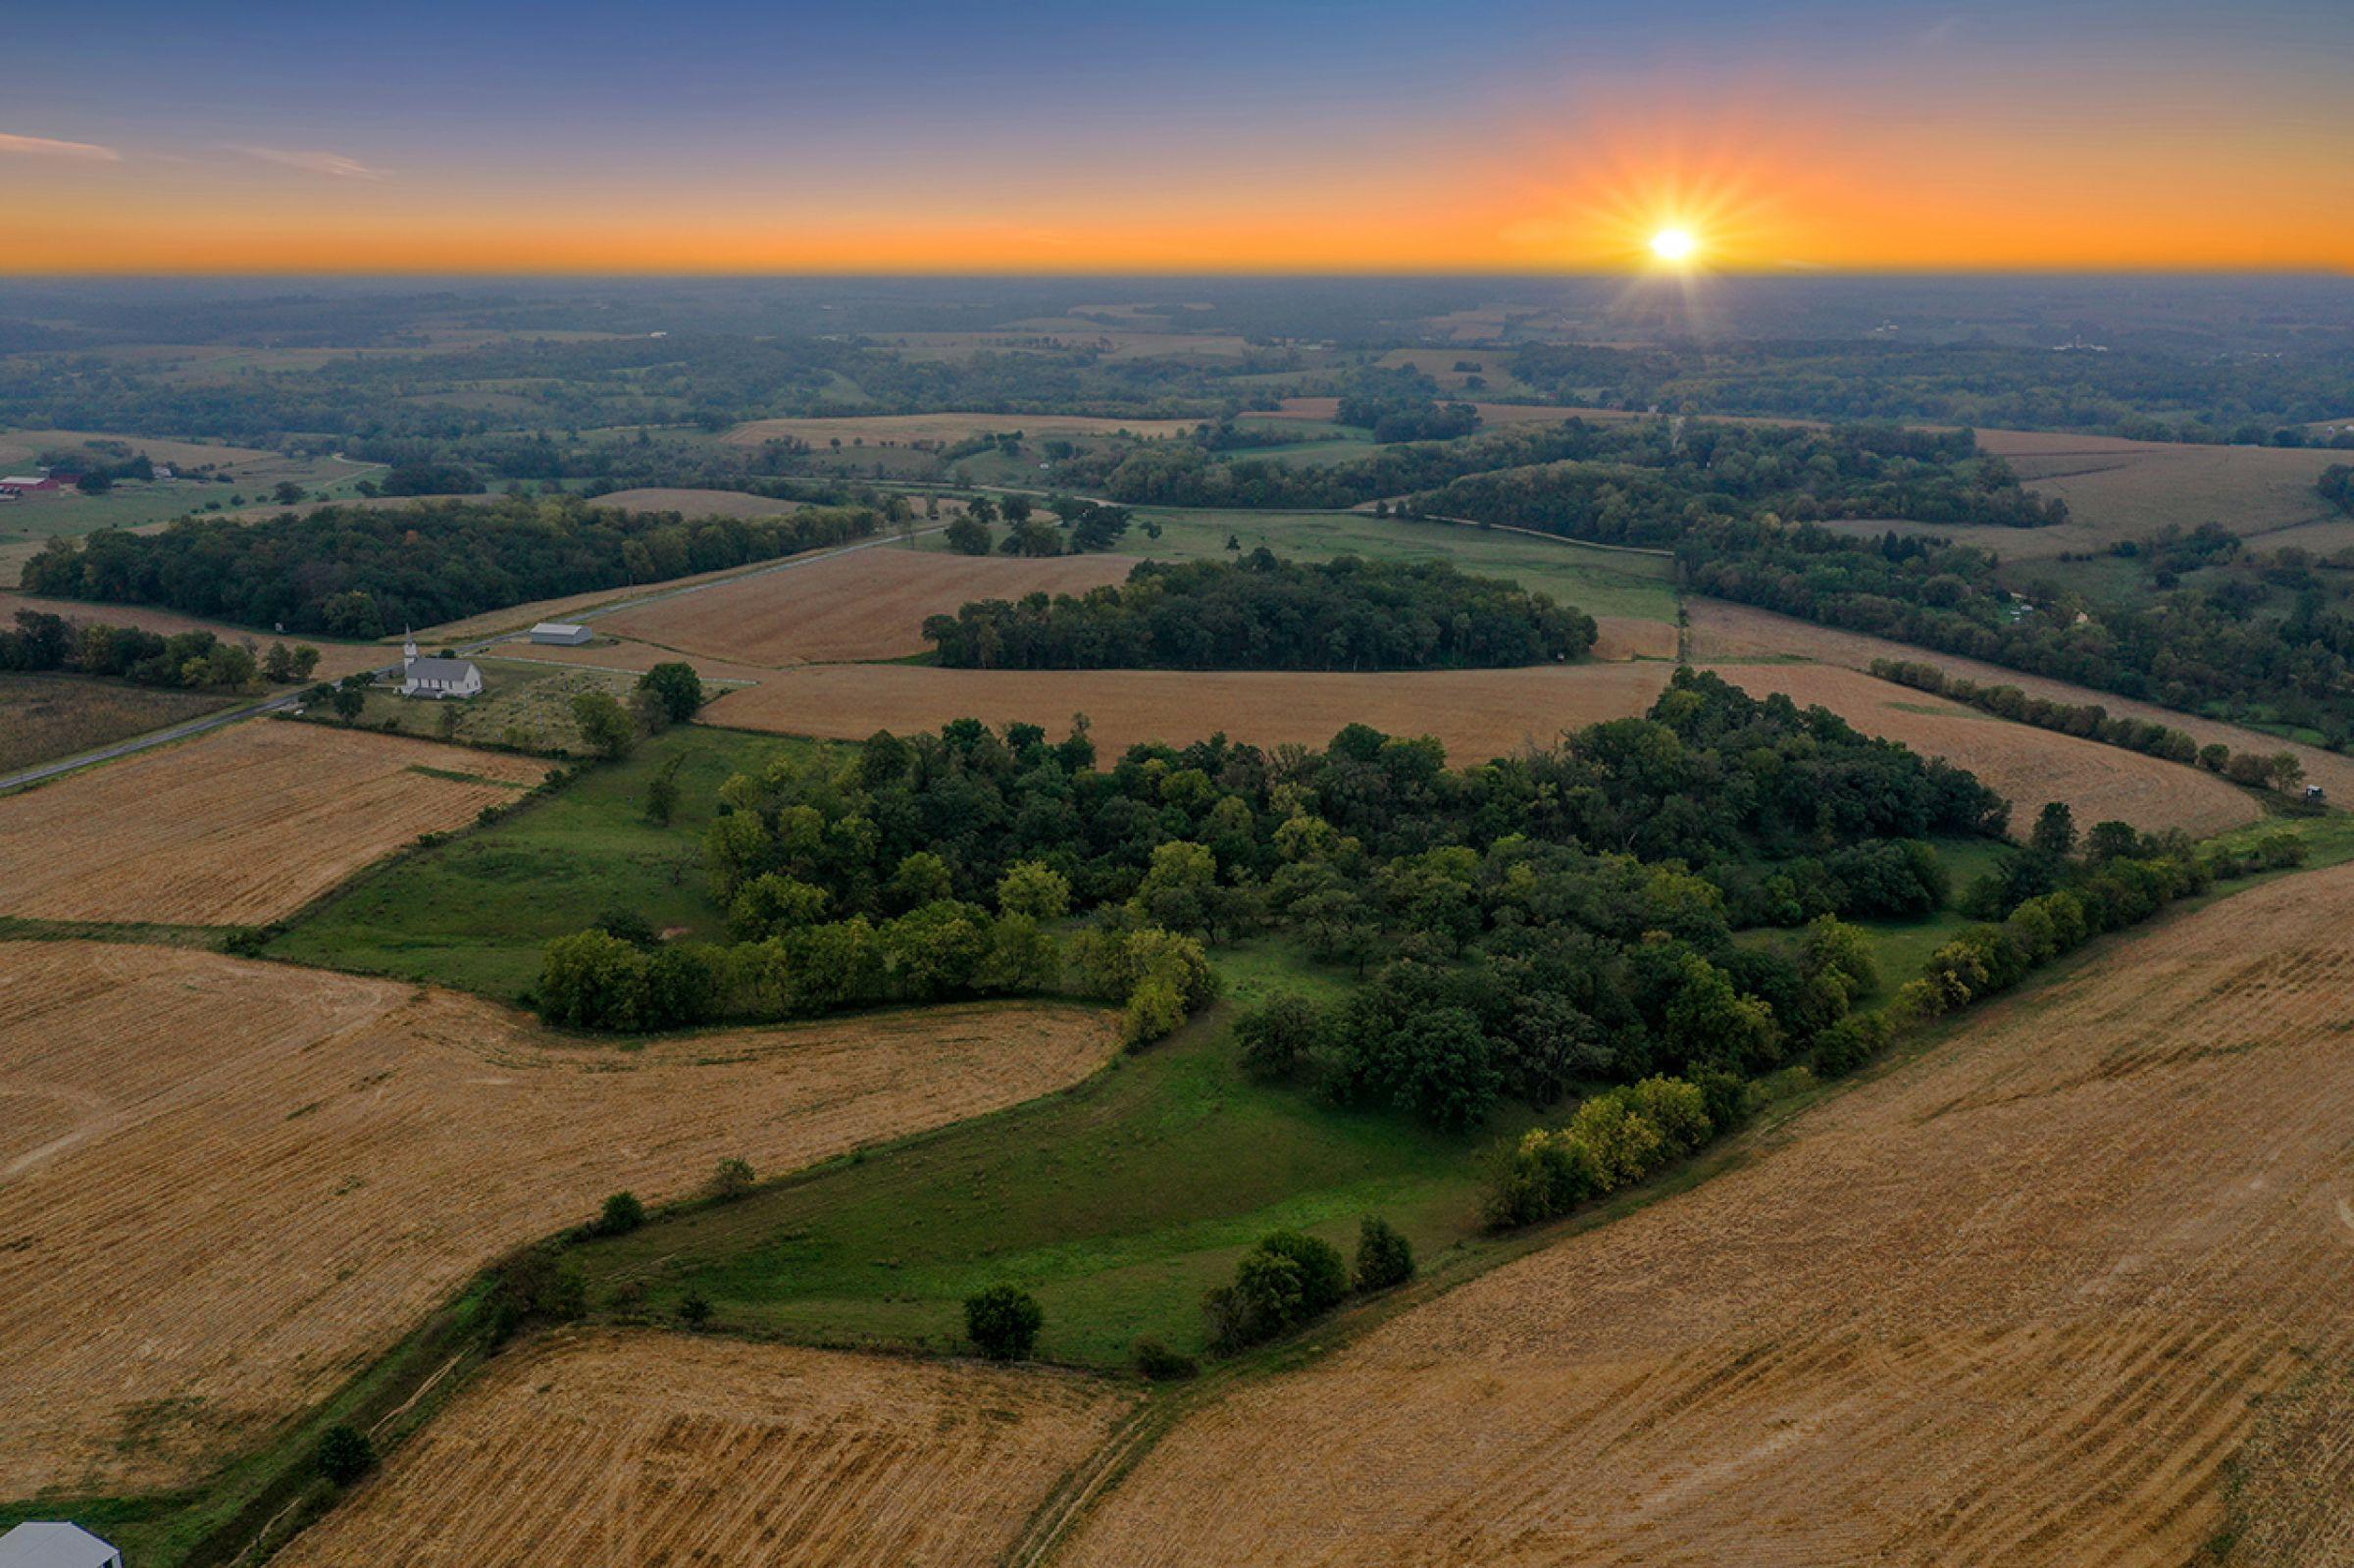 2-apple-grove-church-road-argyle-53504-1-2021-09-21-153050.jpg